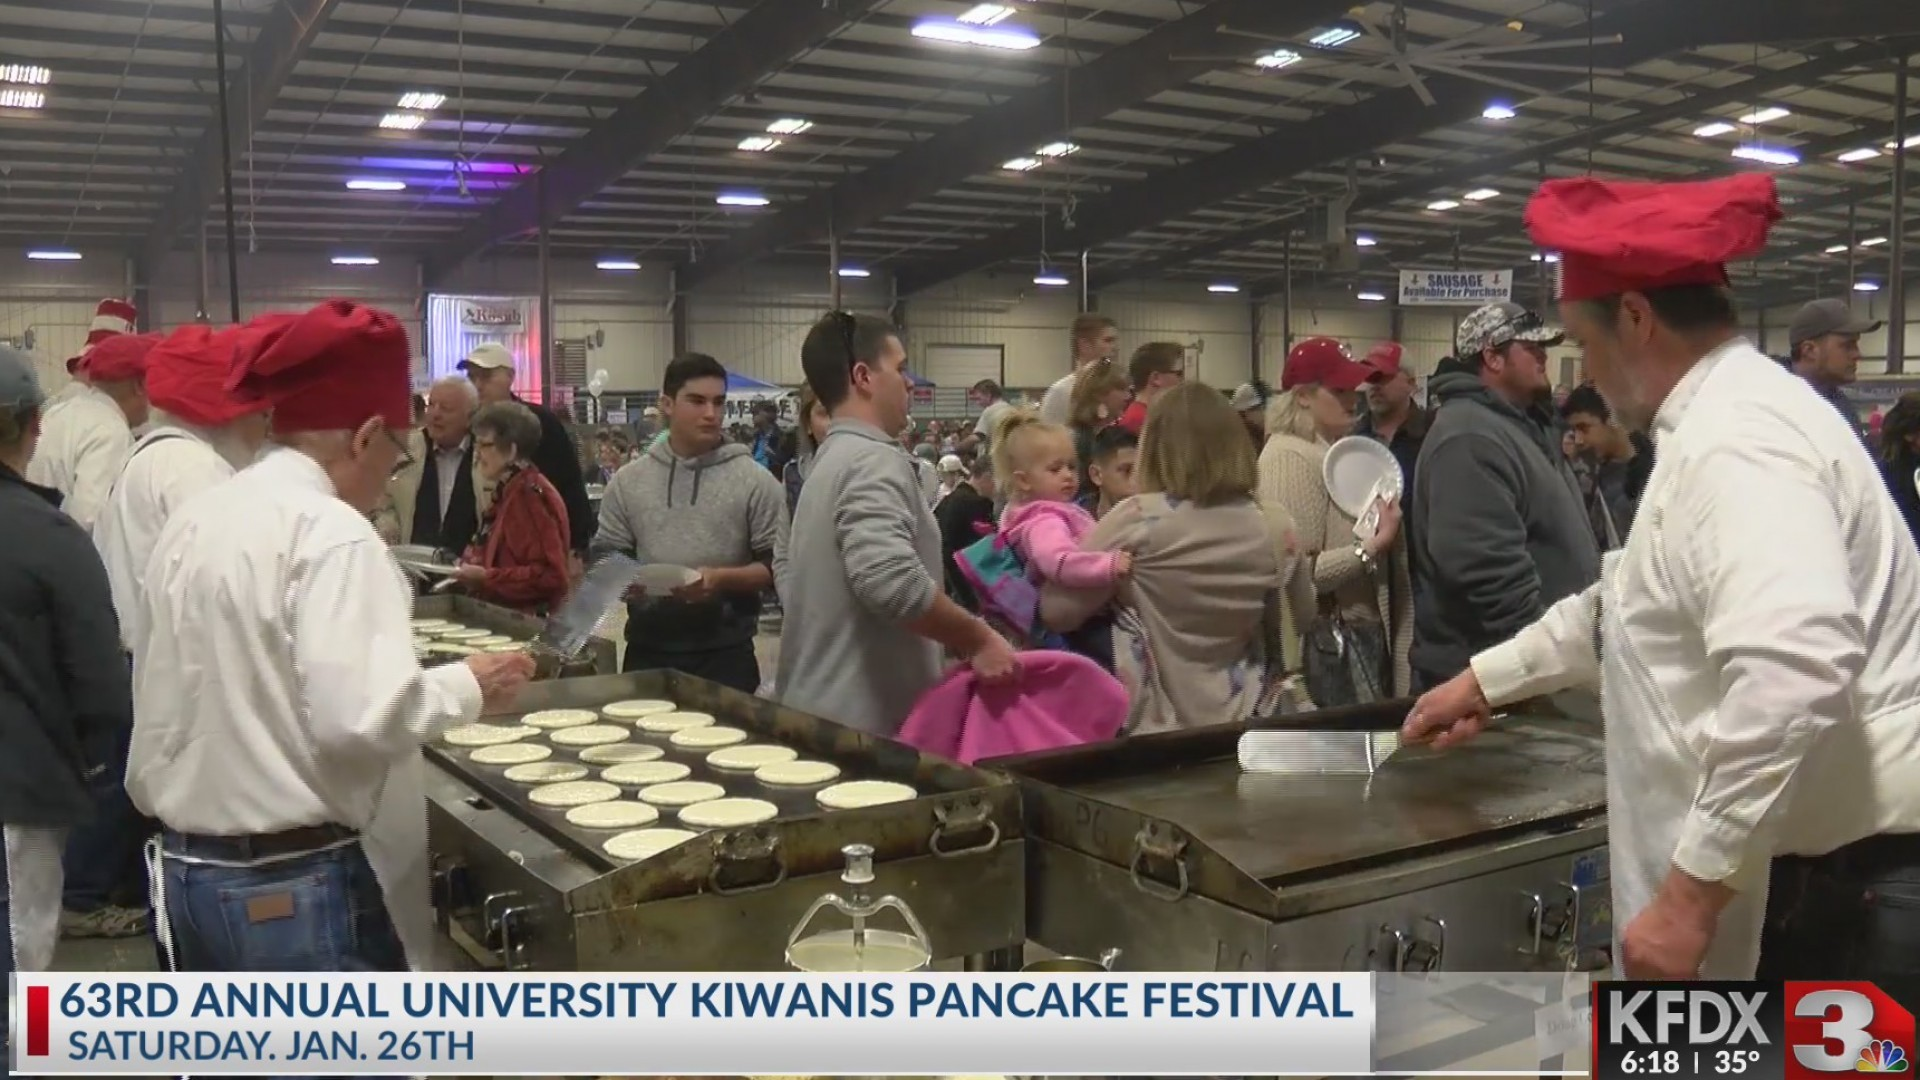 63rd_Annual_University_Kiwanis_Pancake_F_0_20190121123513